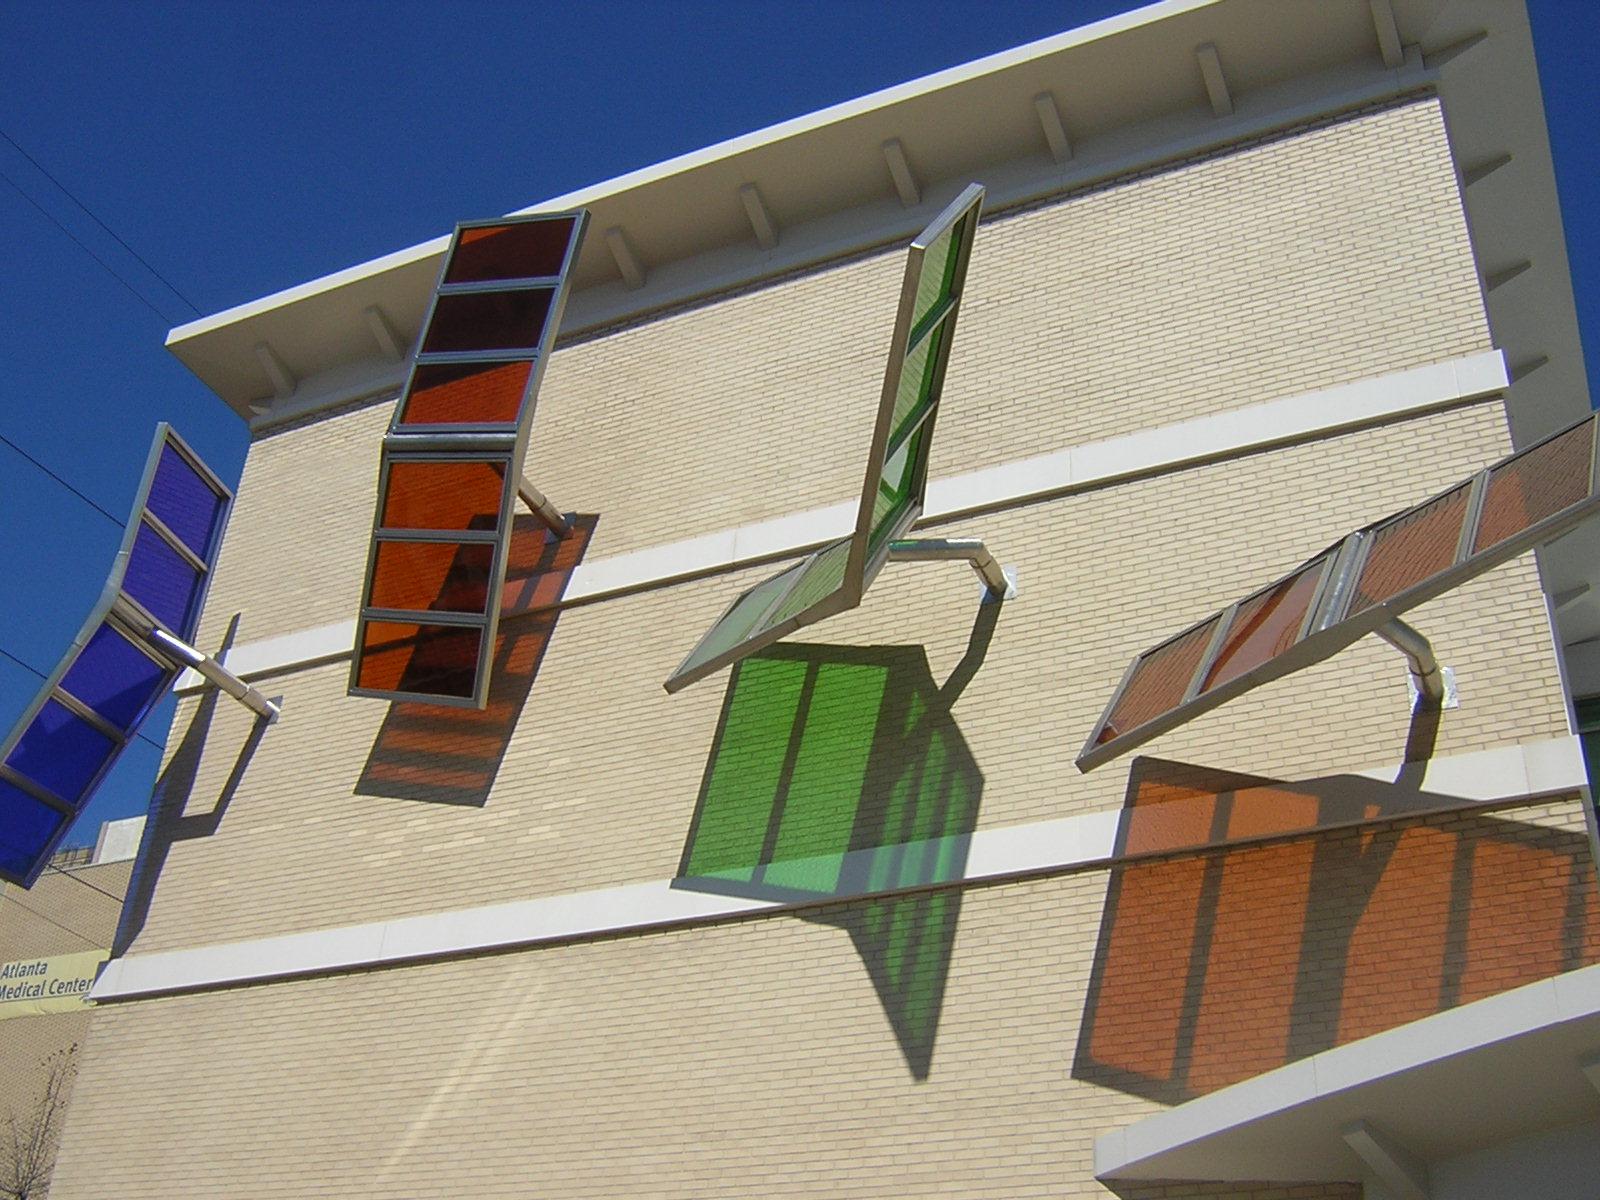 SUN Center for Health & Rehabilitation